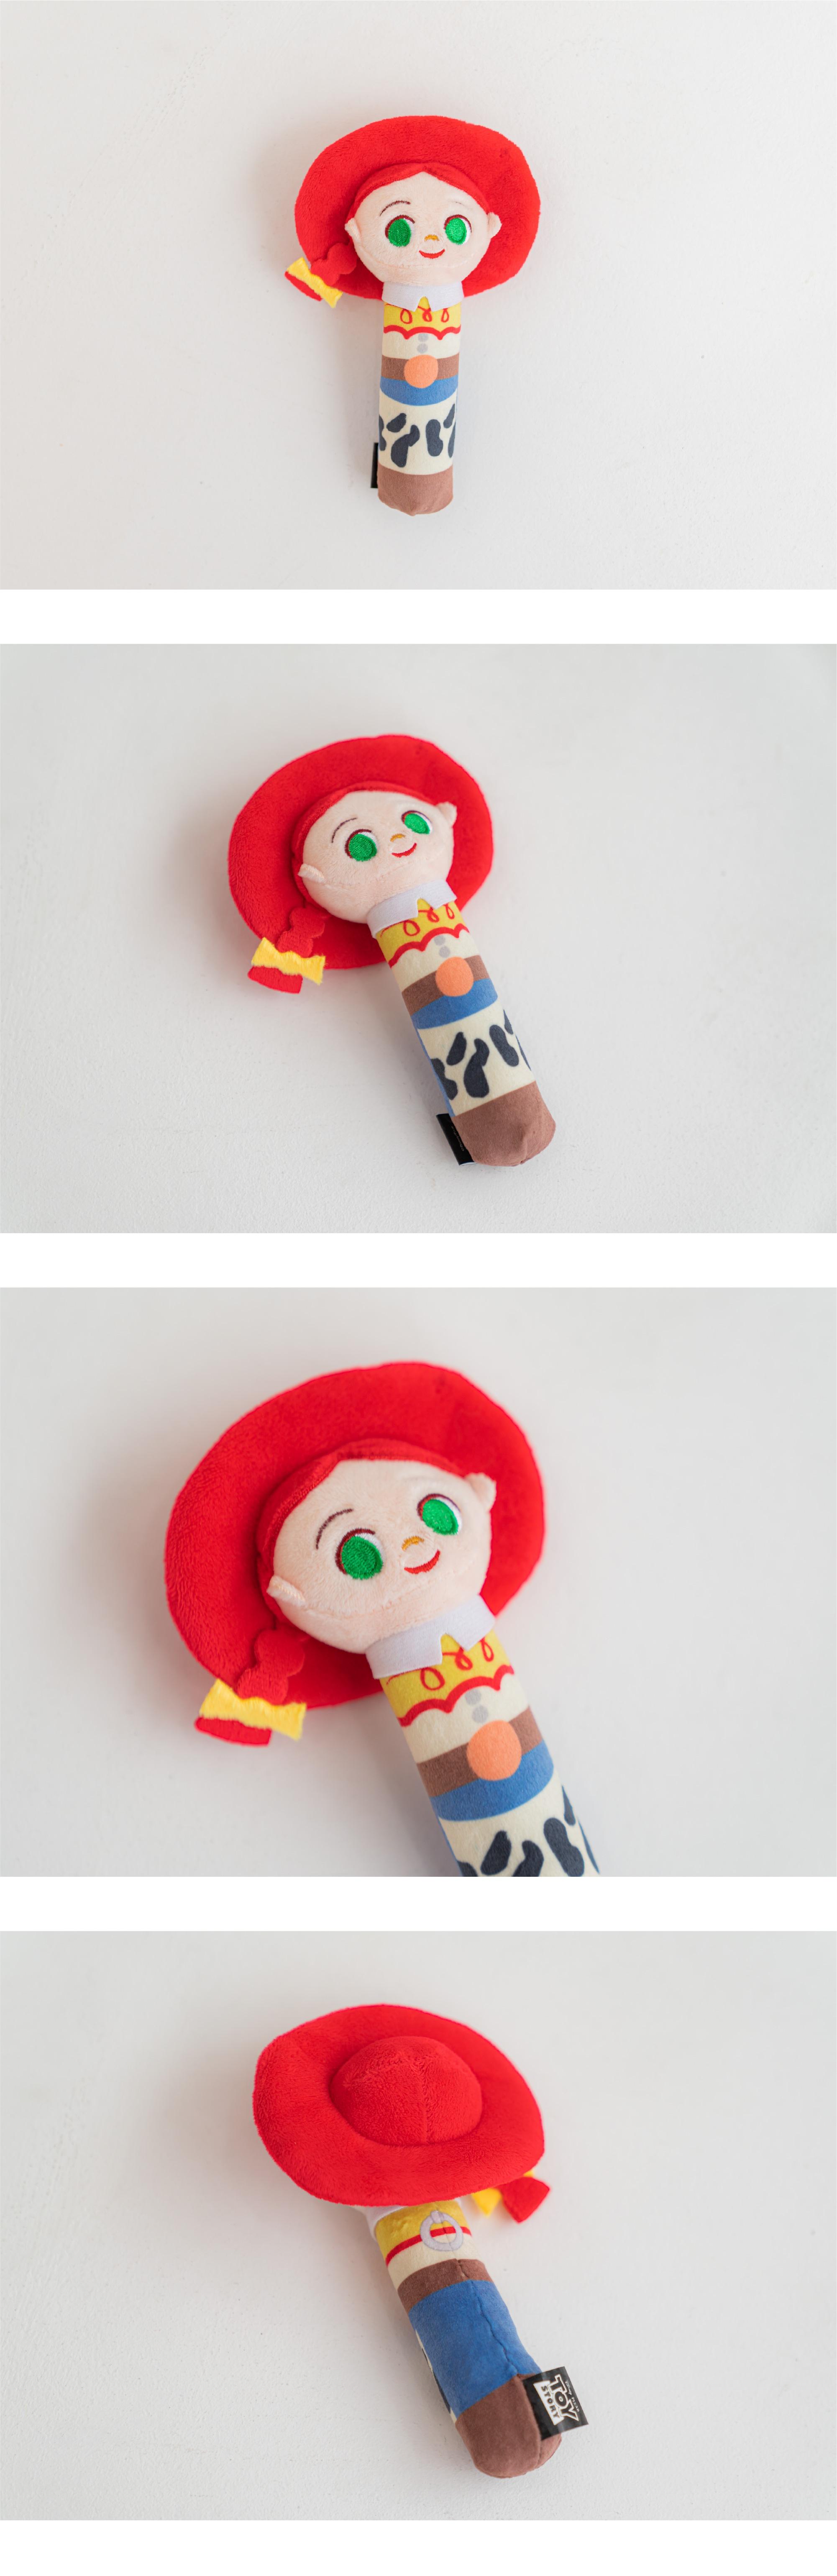 댄 토이스토리 플러시스틱 제시-상품이미지-5